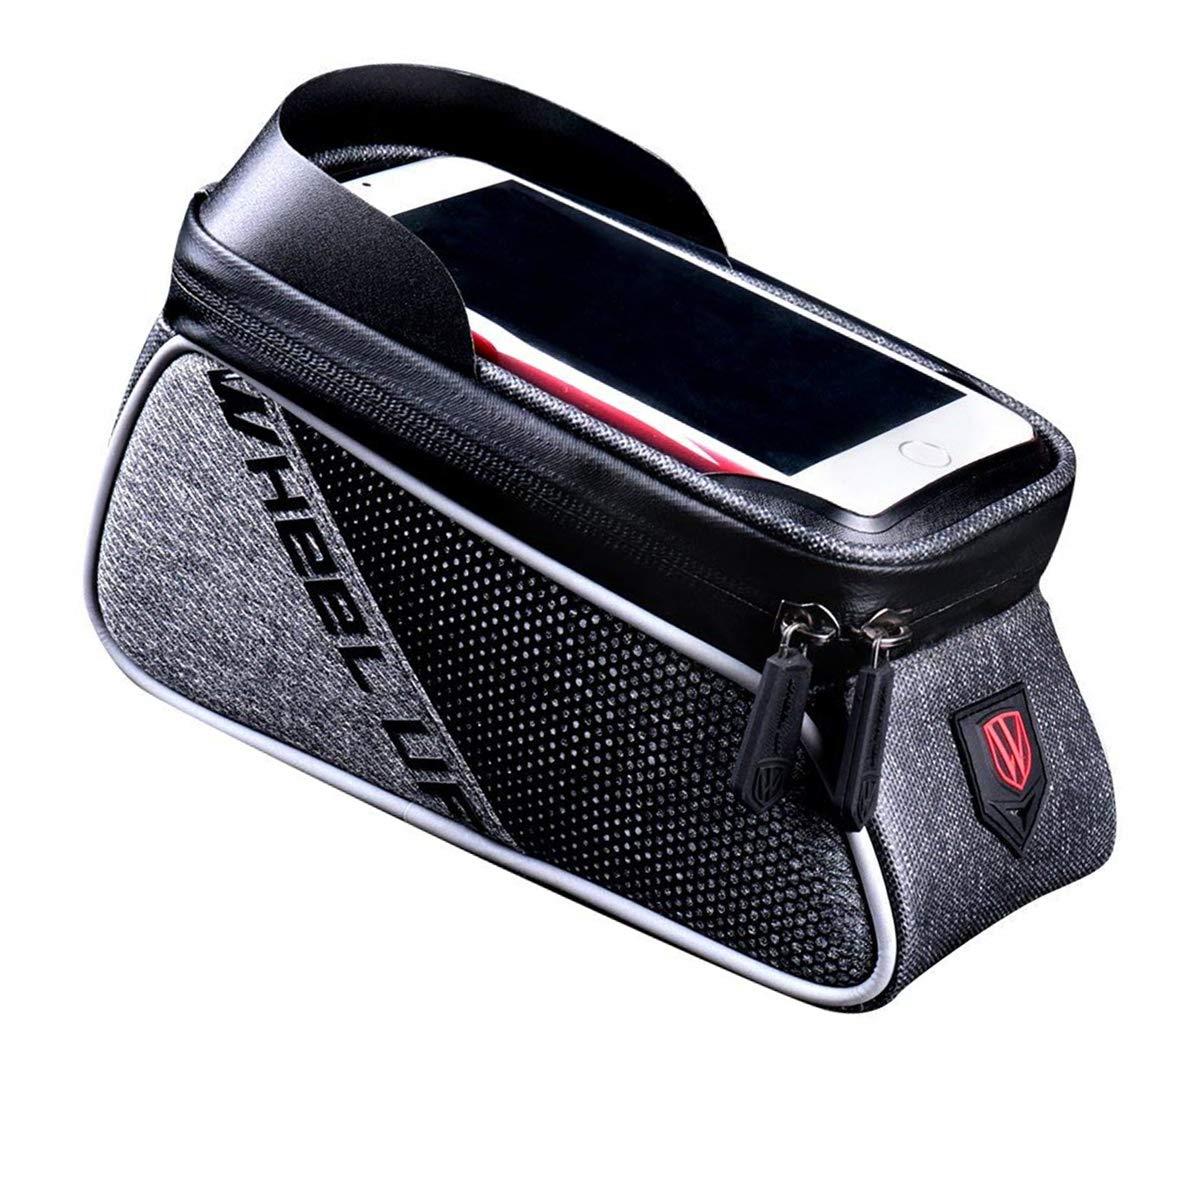 【おしゃれ】 VFun VFun バイクフレームバッグ ブラック サイクリング フロントチューブ ハンドルバーバッグ B07HMR16JG 防水 6.0インチ タッチスクリーン 携帯電話ケース 自転車ハンドルバーバッグ バイクパックアクセサリー ブラック B07HMR16JG, プリザーブドフラワーIPFA:b0cb4dfd --- arianechie.dominiotemporario.com